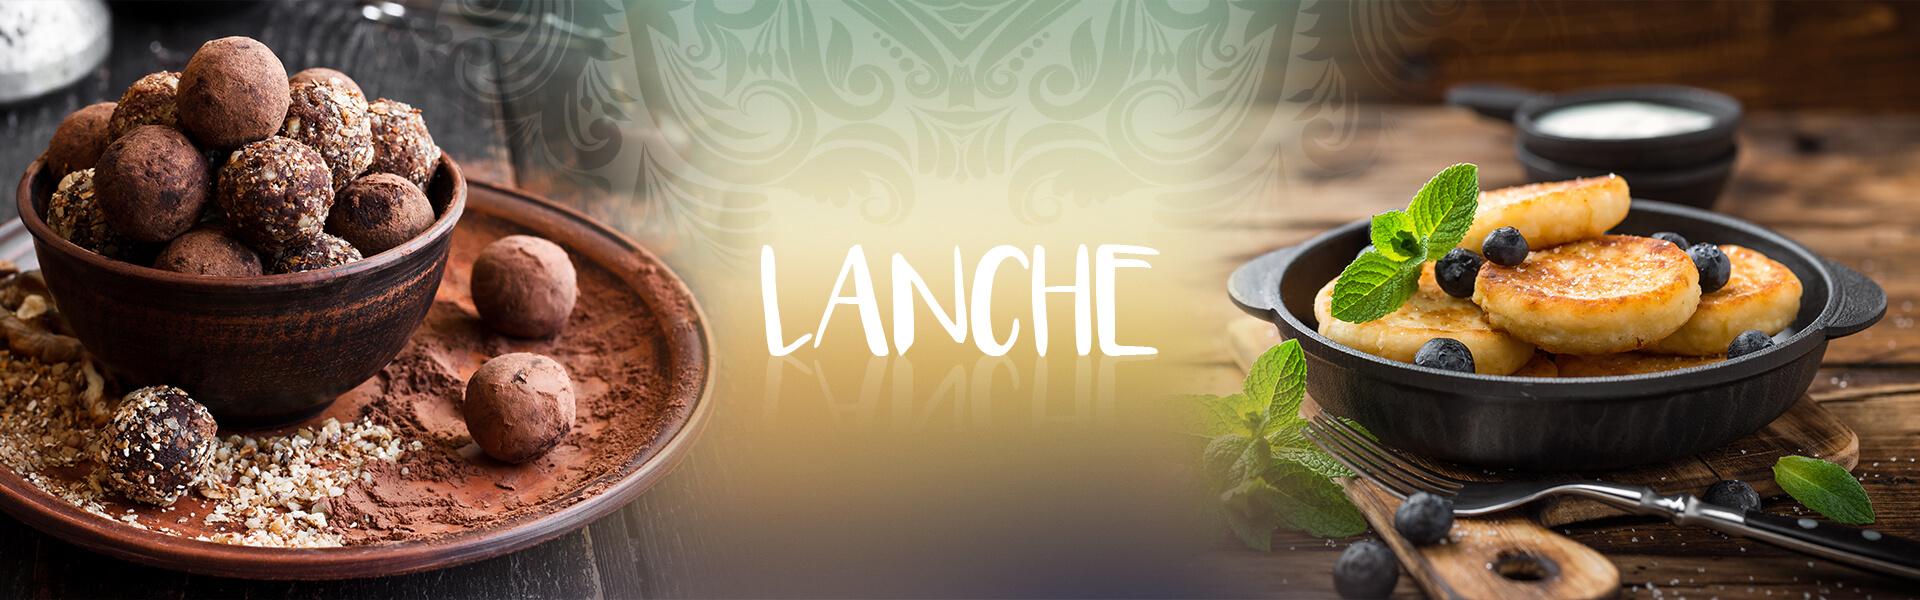 Lanche